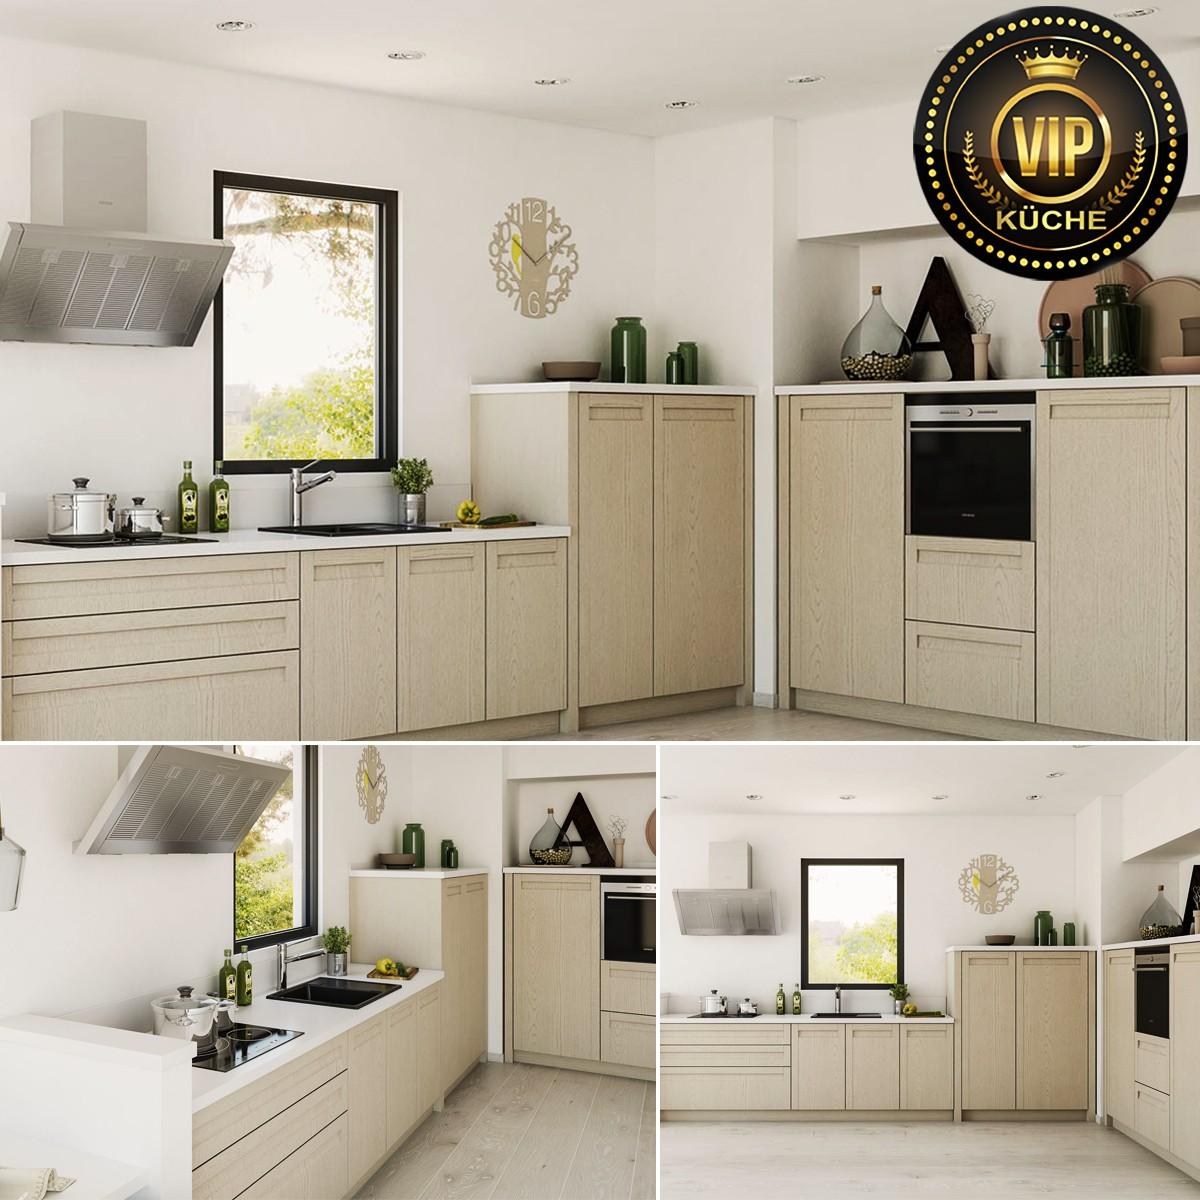 Full Size of Küchenmöbel Ariane Moderne Landhauskche Massivholz Kchenzeile L Form Wohnzimmer Küchenmöbel